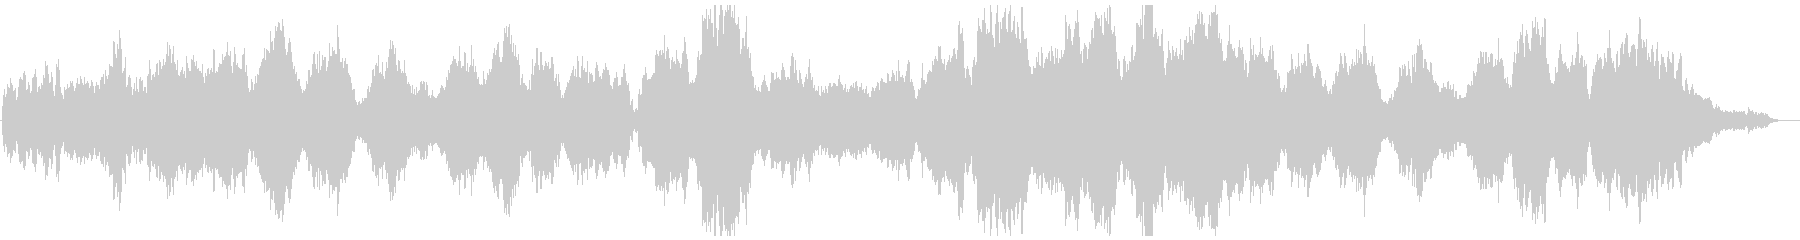 プログレッシブ 交響曲 広い 壮大...の未再生の波形